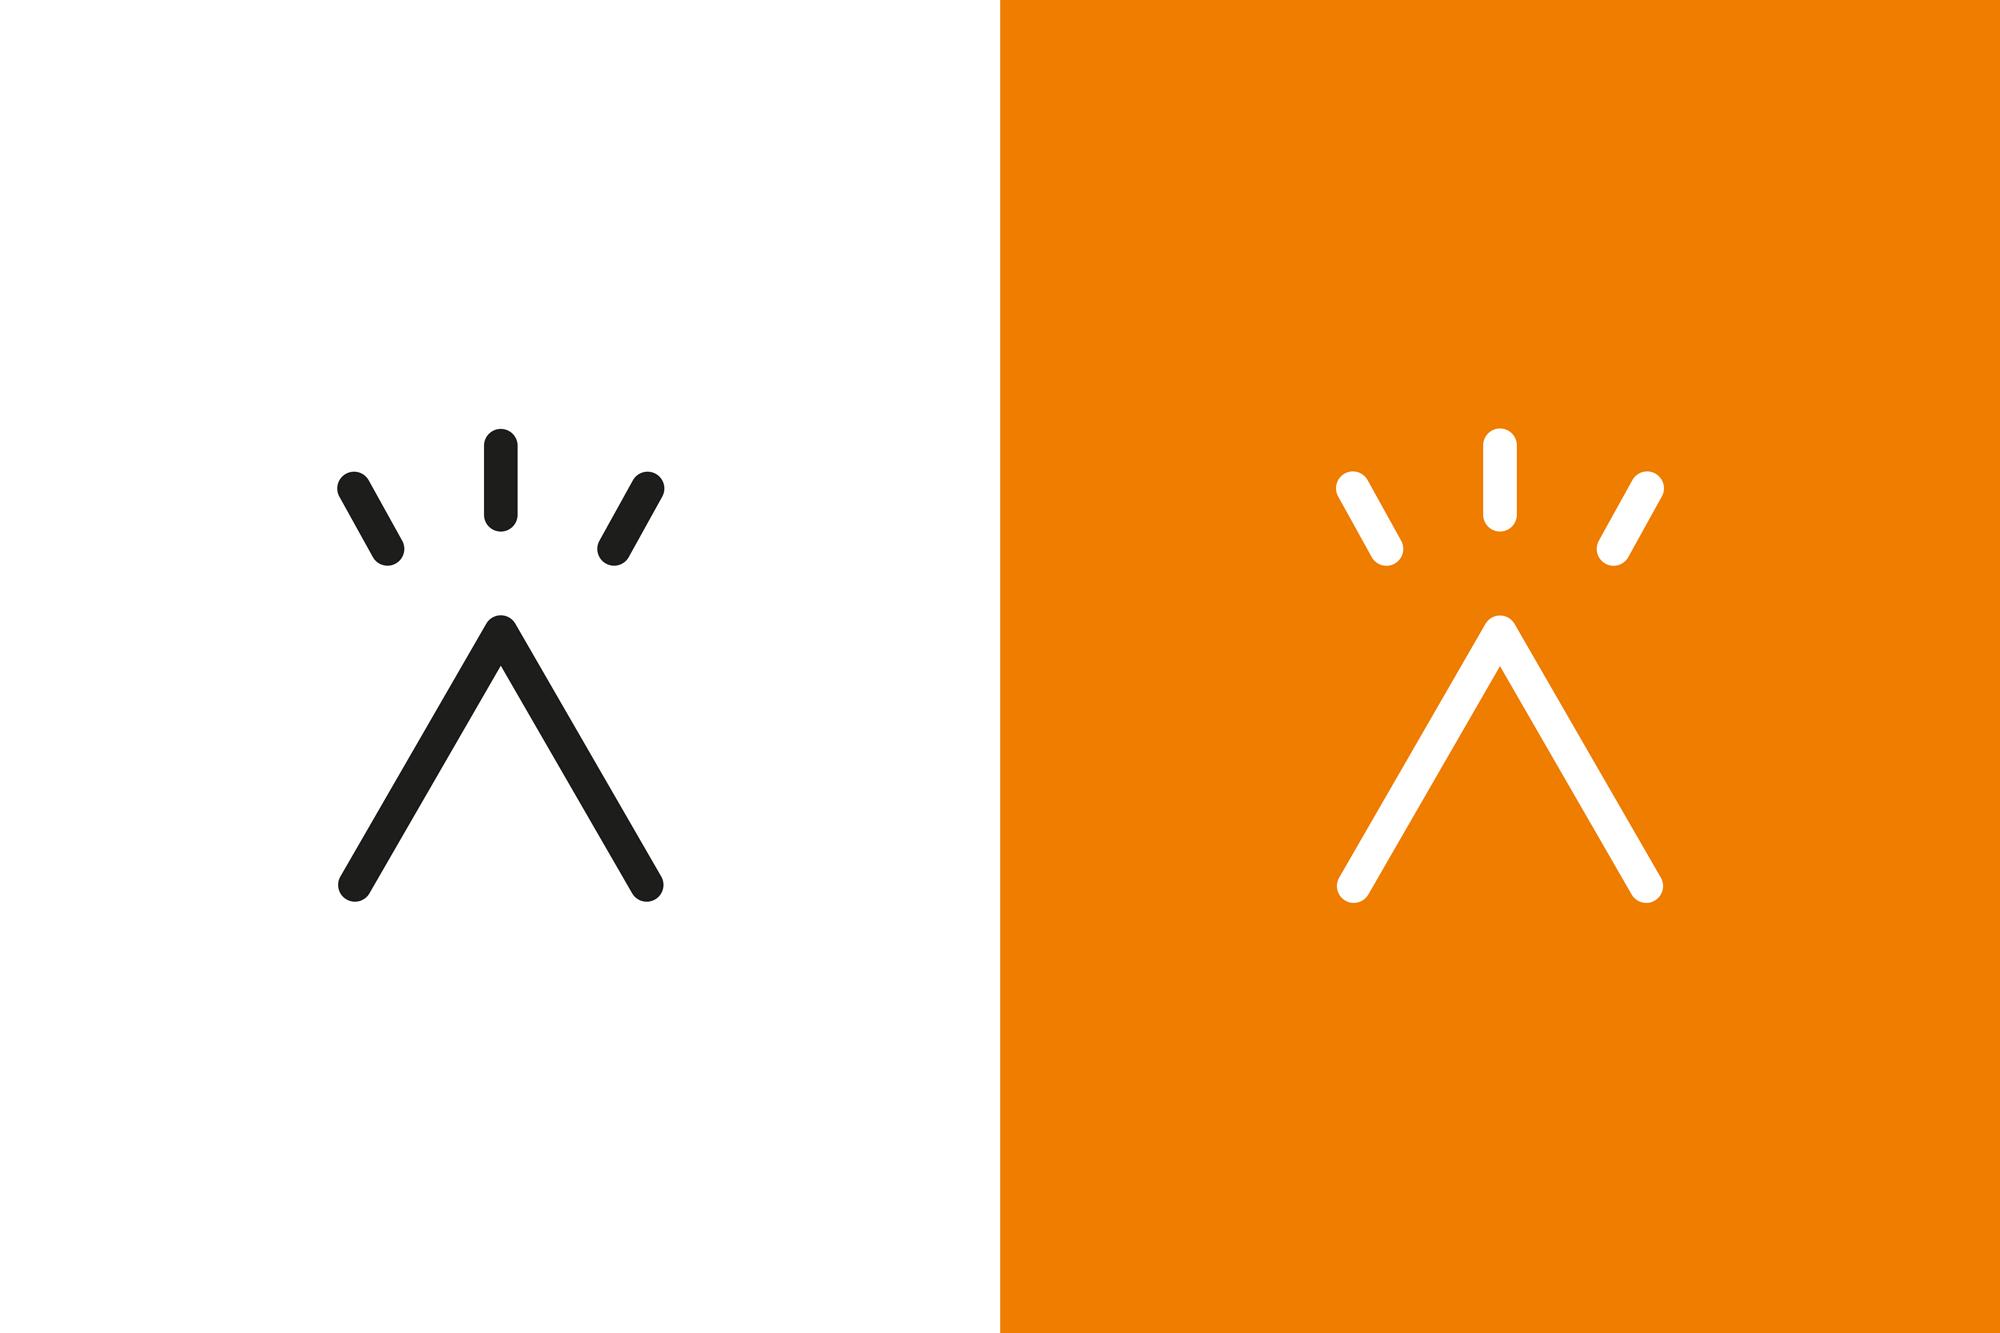 Logomark auf orangem Hintergrund